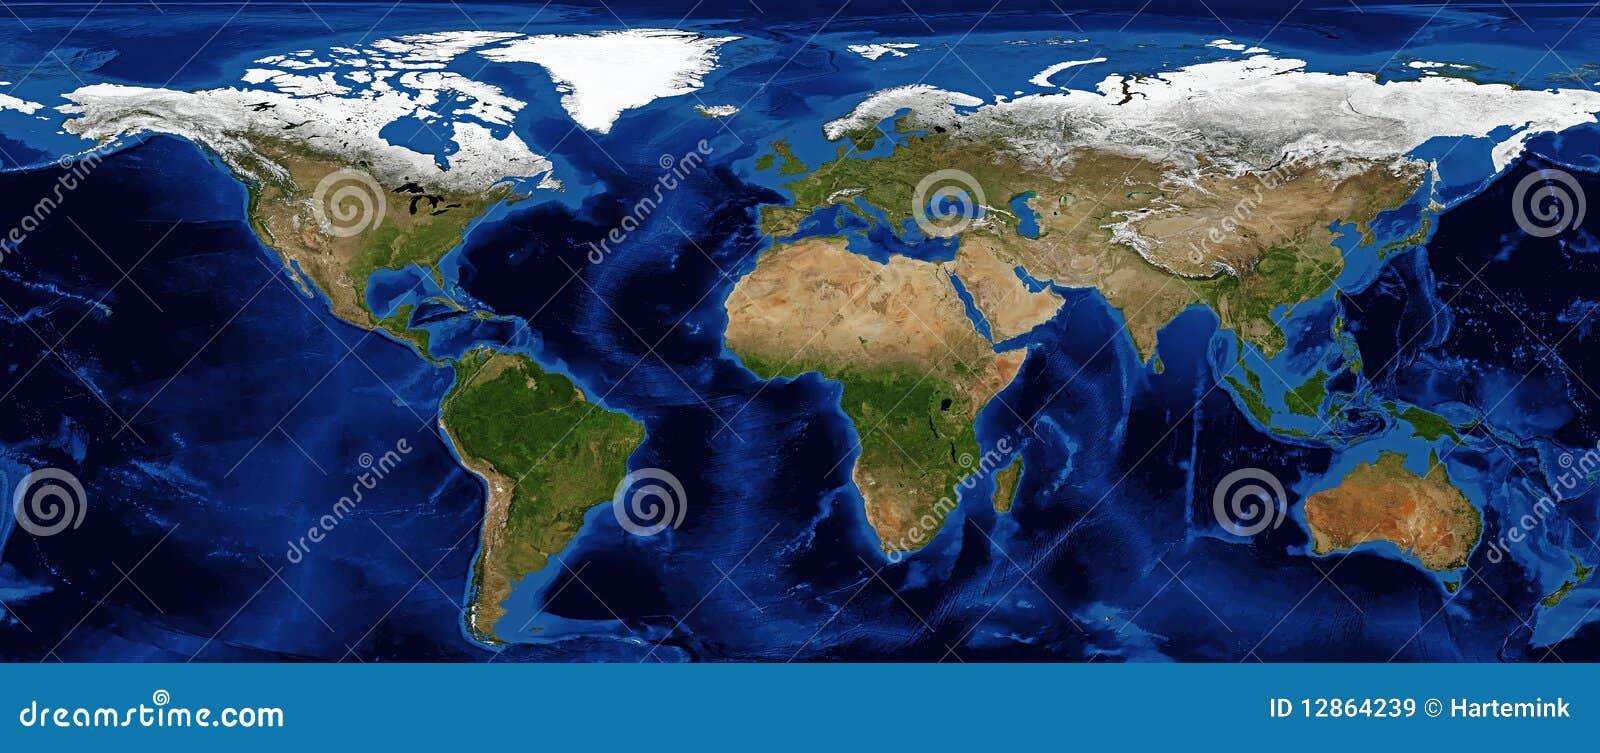 Relevo protegido do mapa de mundo com batimetria